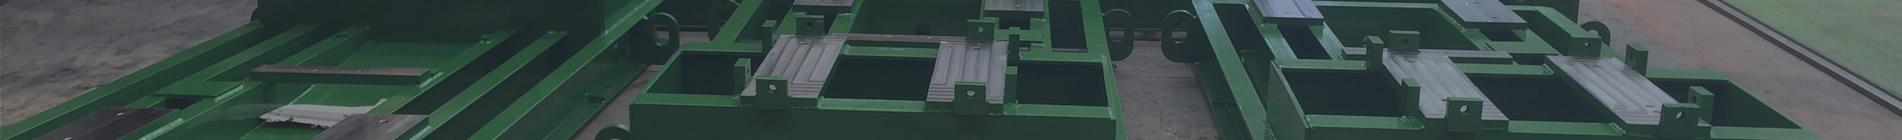 Distensionado de piezas de metal por vibración